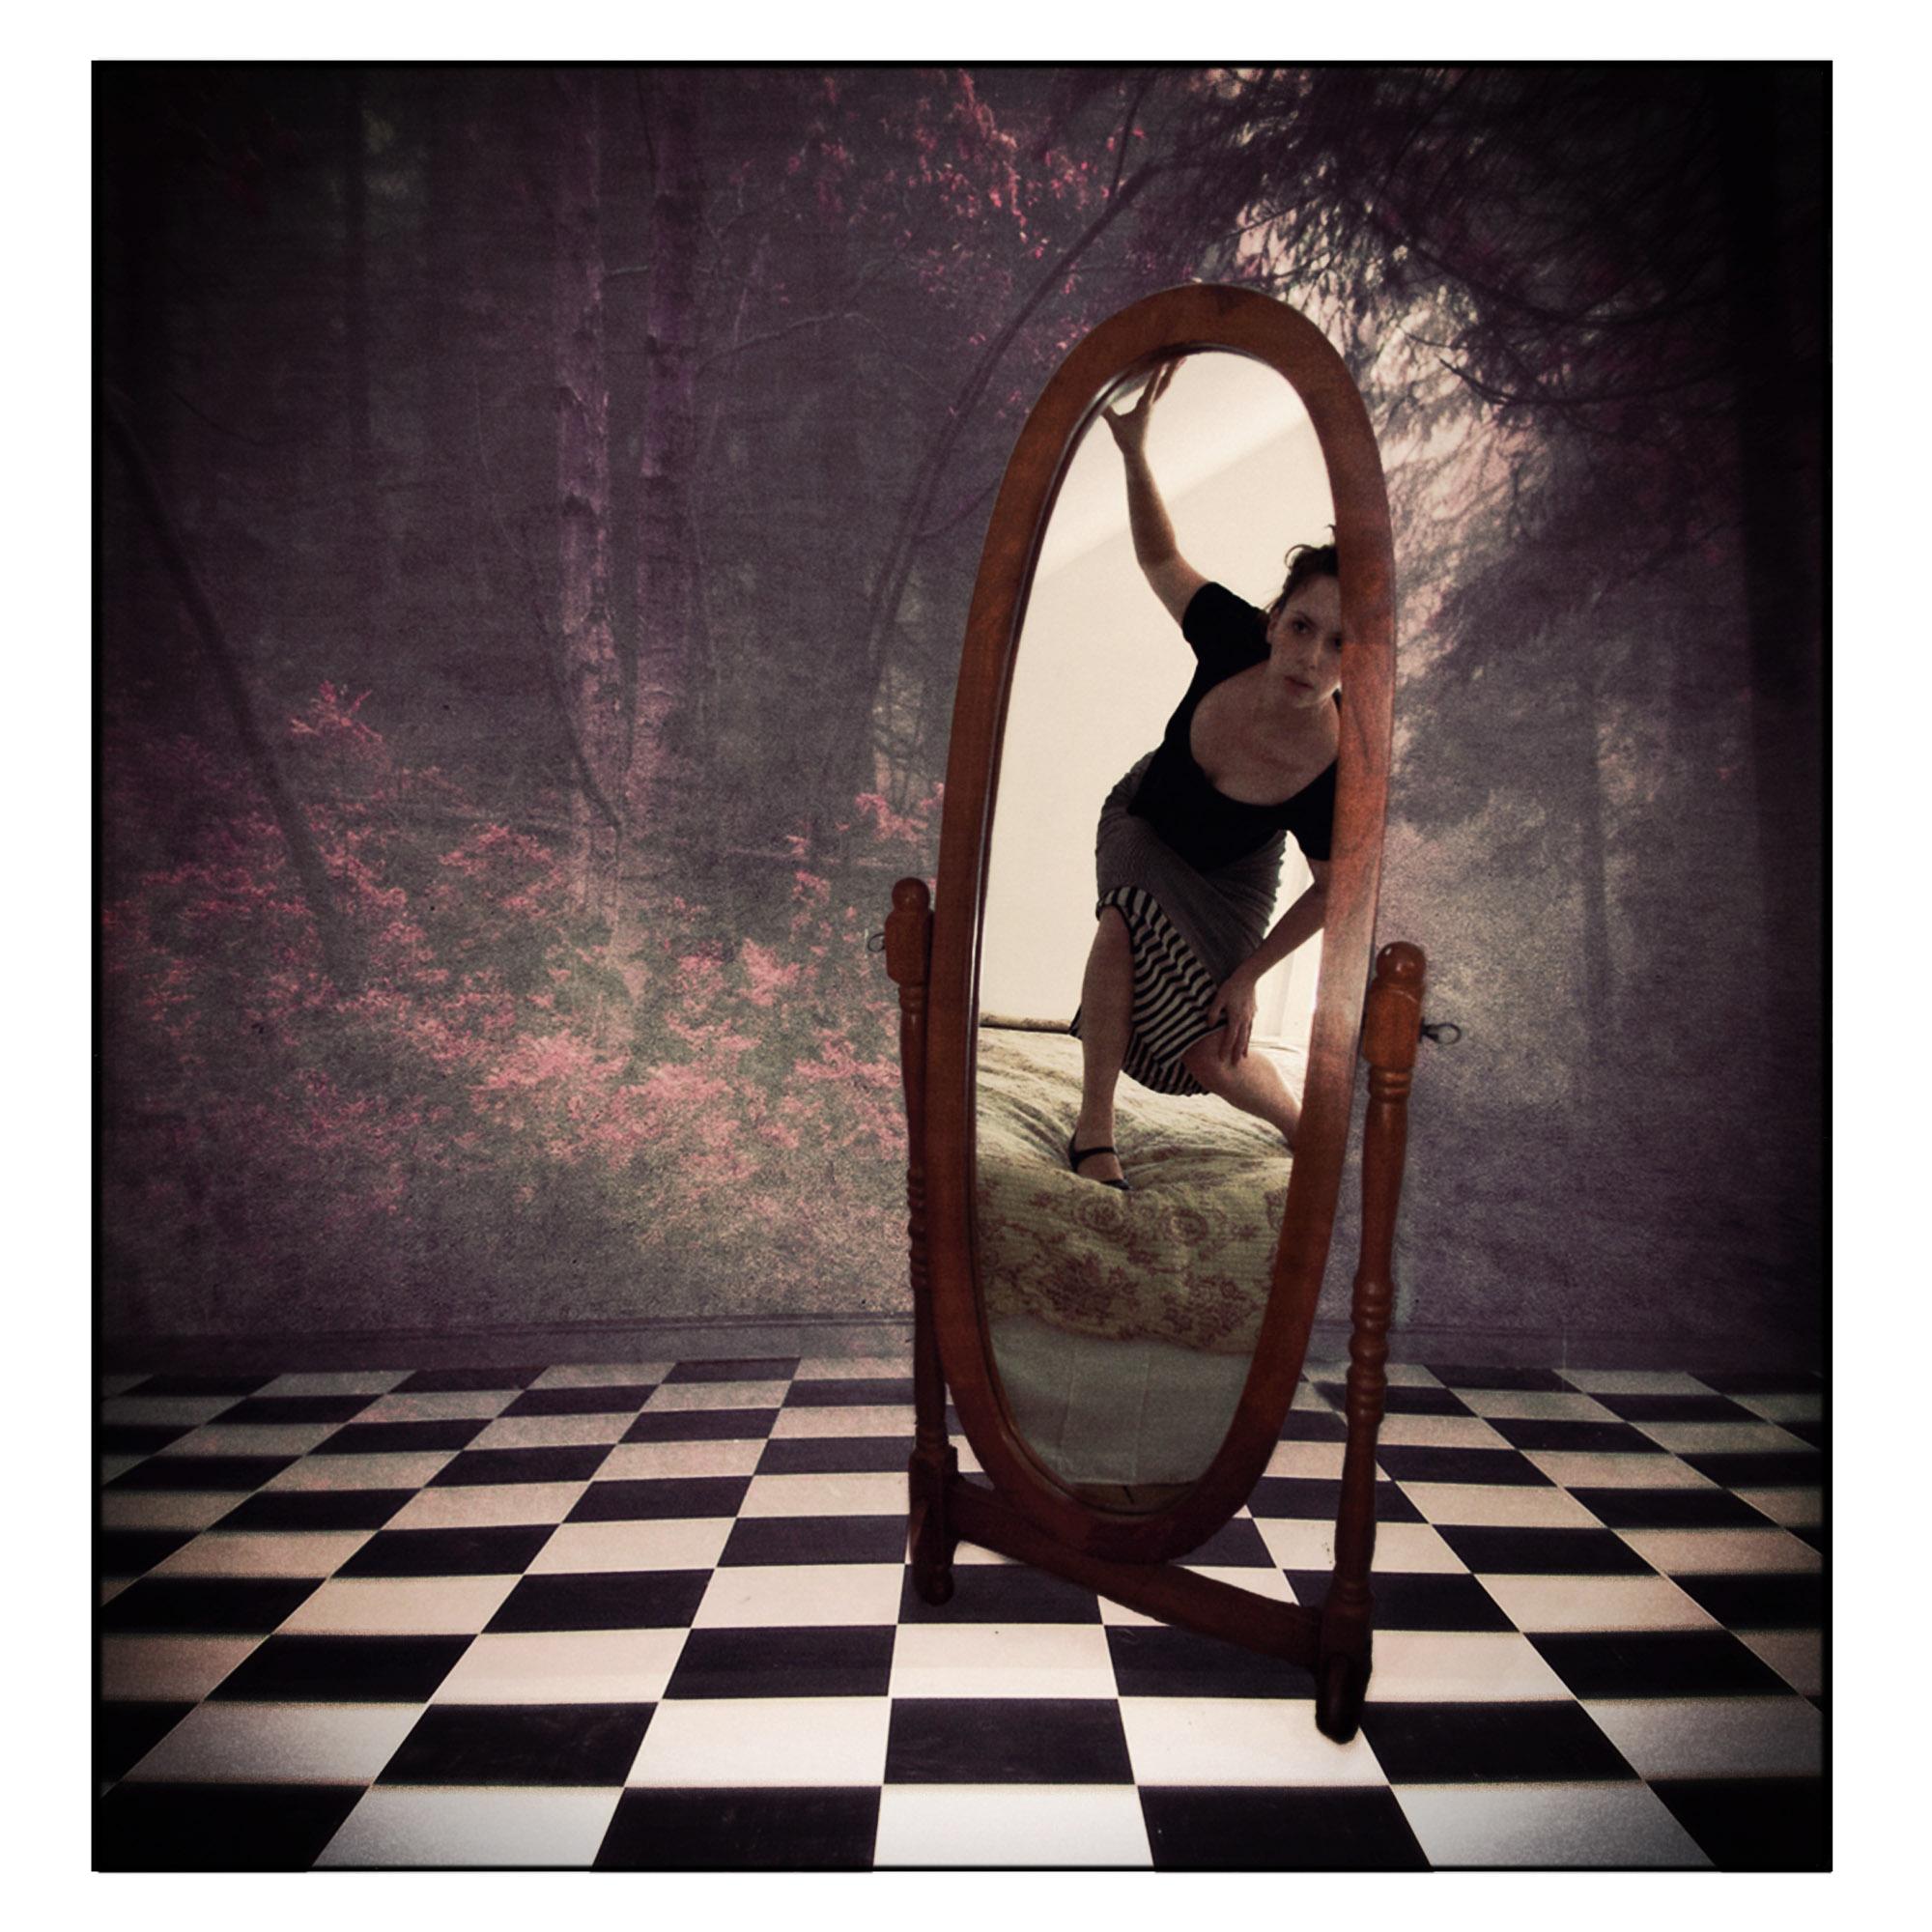 JenKiaba-Mirror-Mirror.jpg